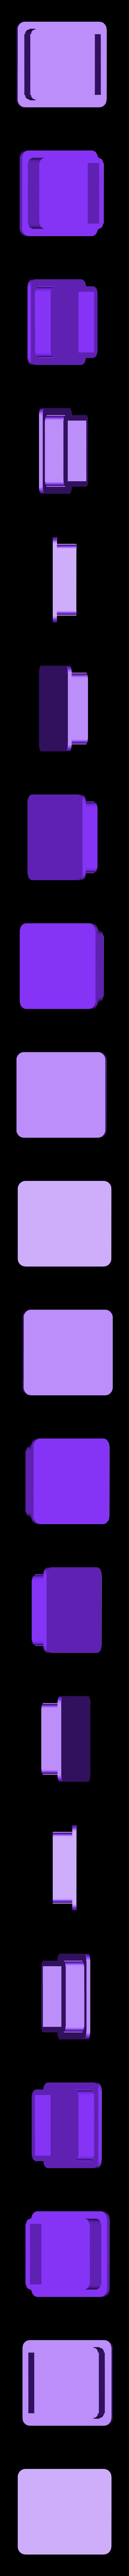 obtu_carr├®.stl Télécharger fichier STL gratuit CAISSON DAGOMA - add-on obturateur/guide filament • Modèle à imprimer en 3D, badmax133